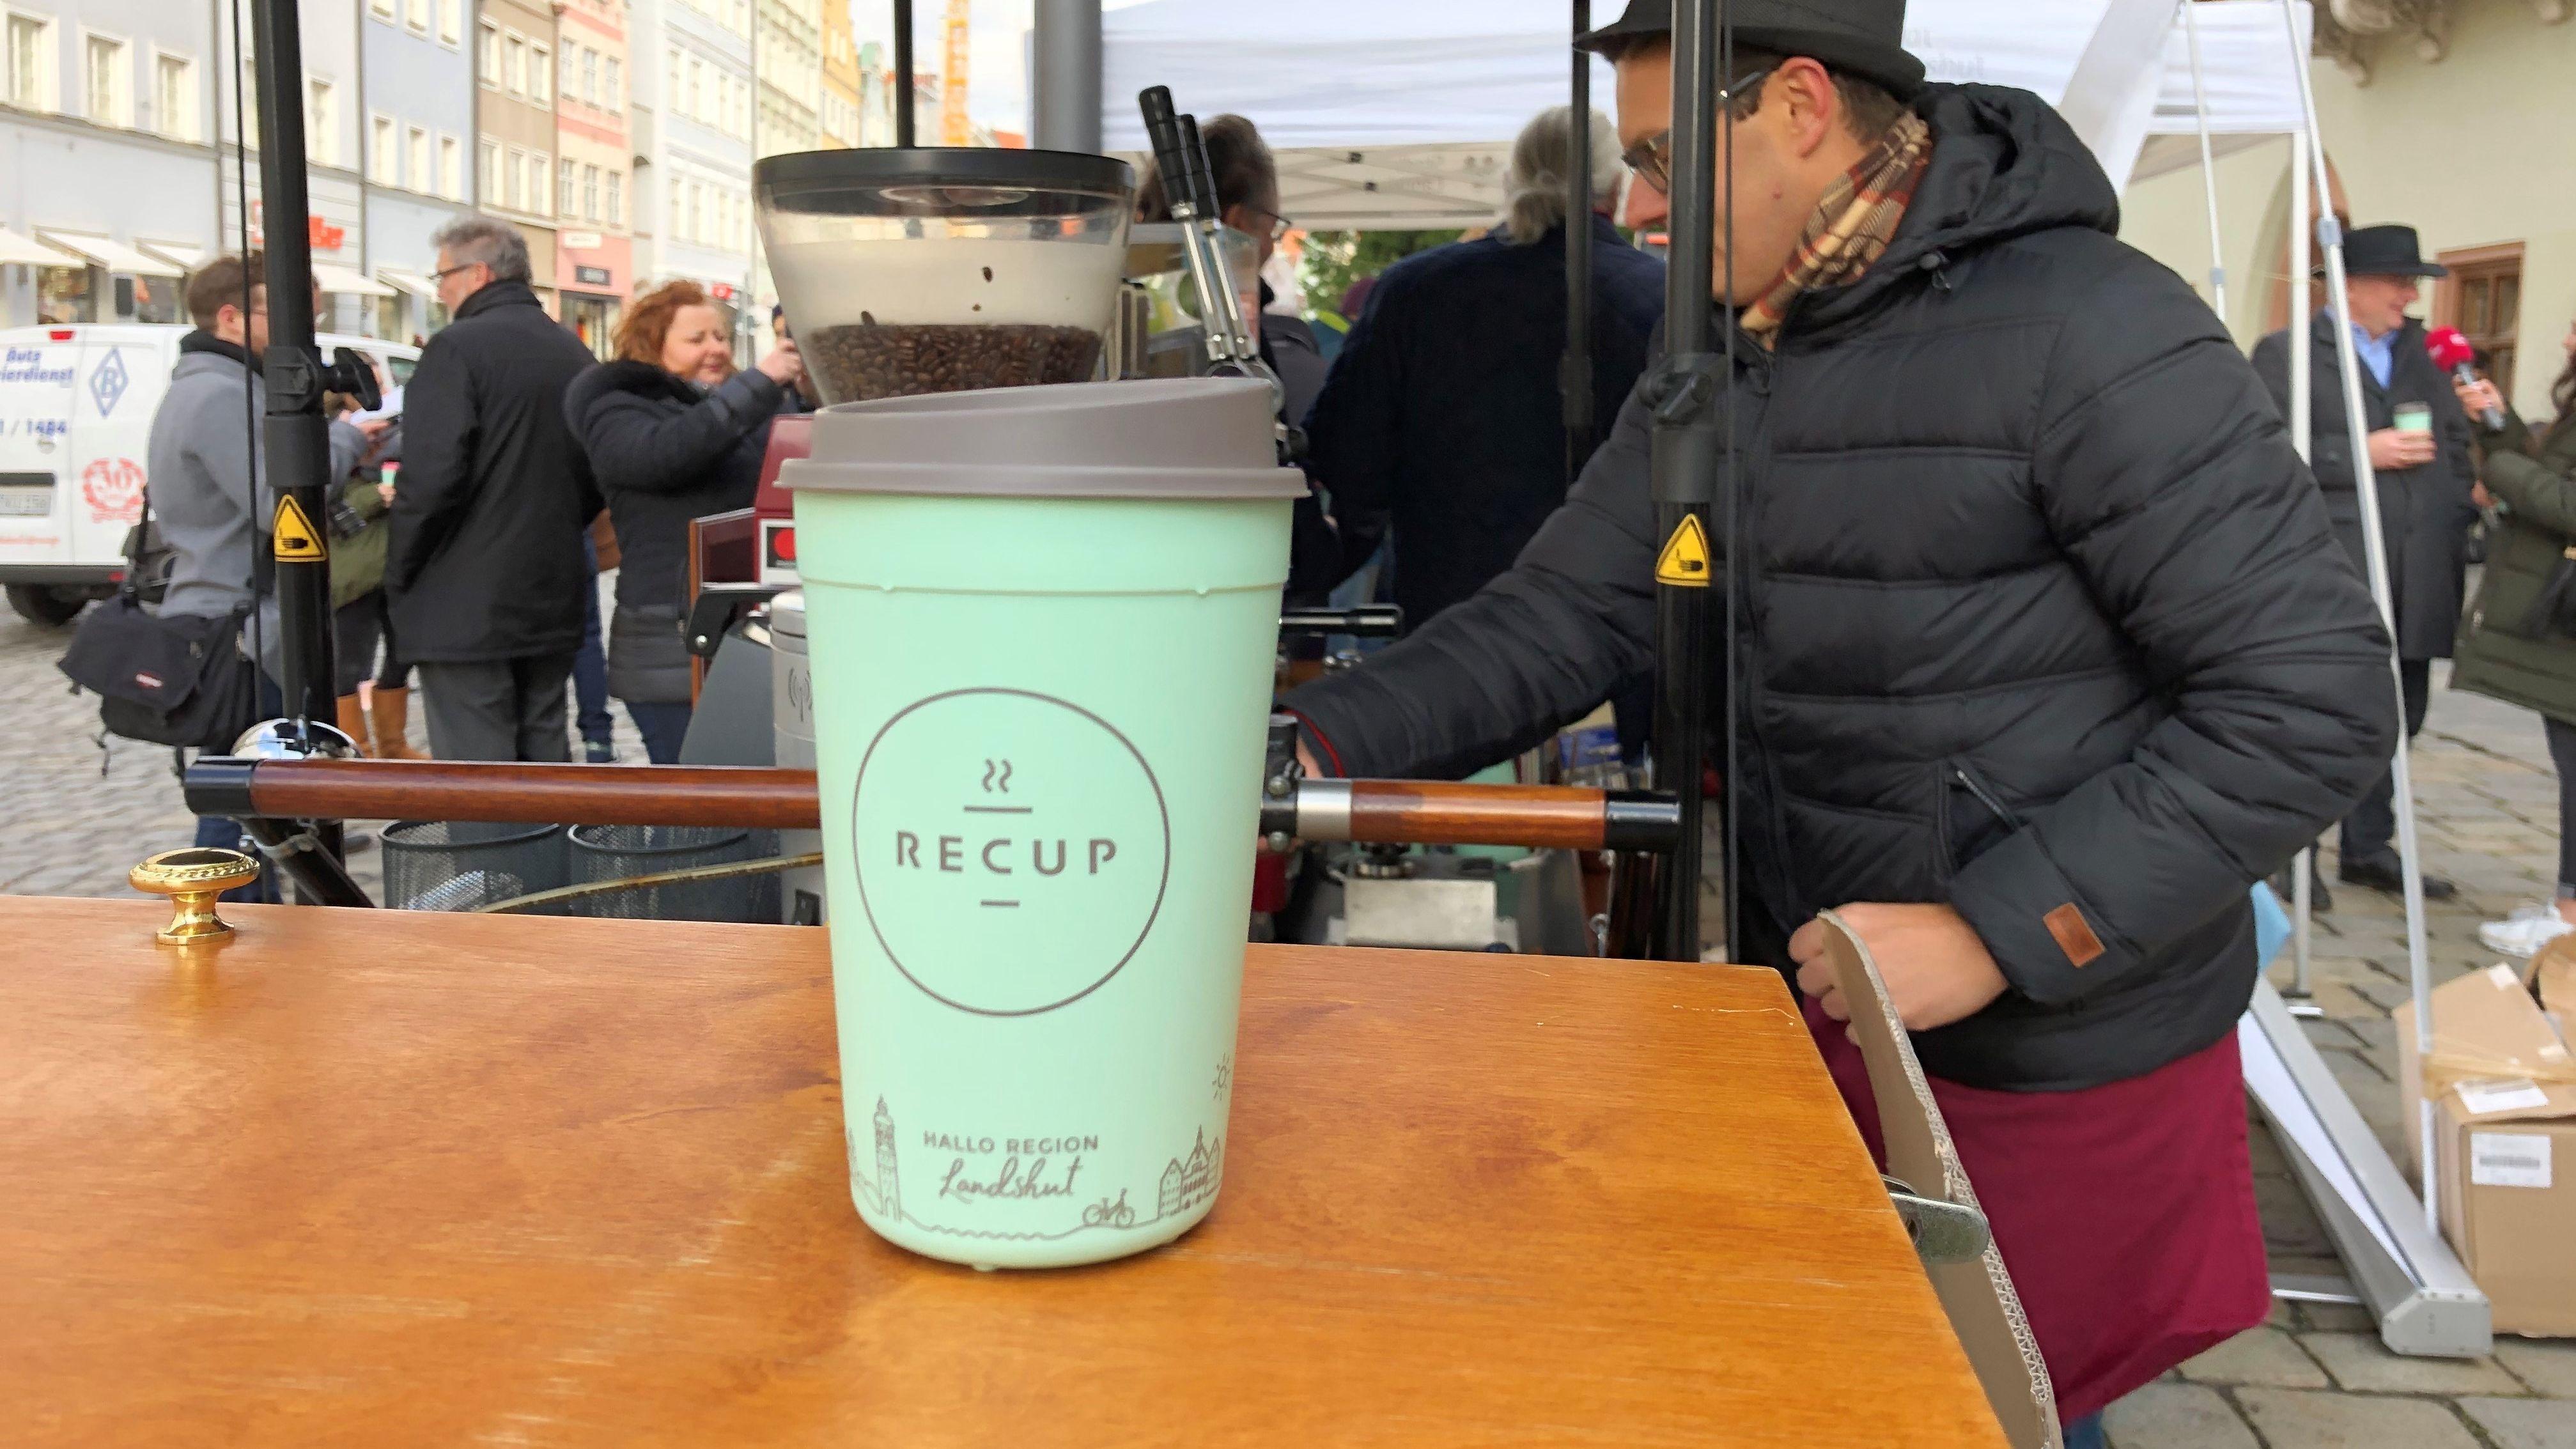 Wiederverwendbare Kaffee-Becher in Landshut eingeführt